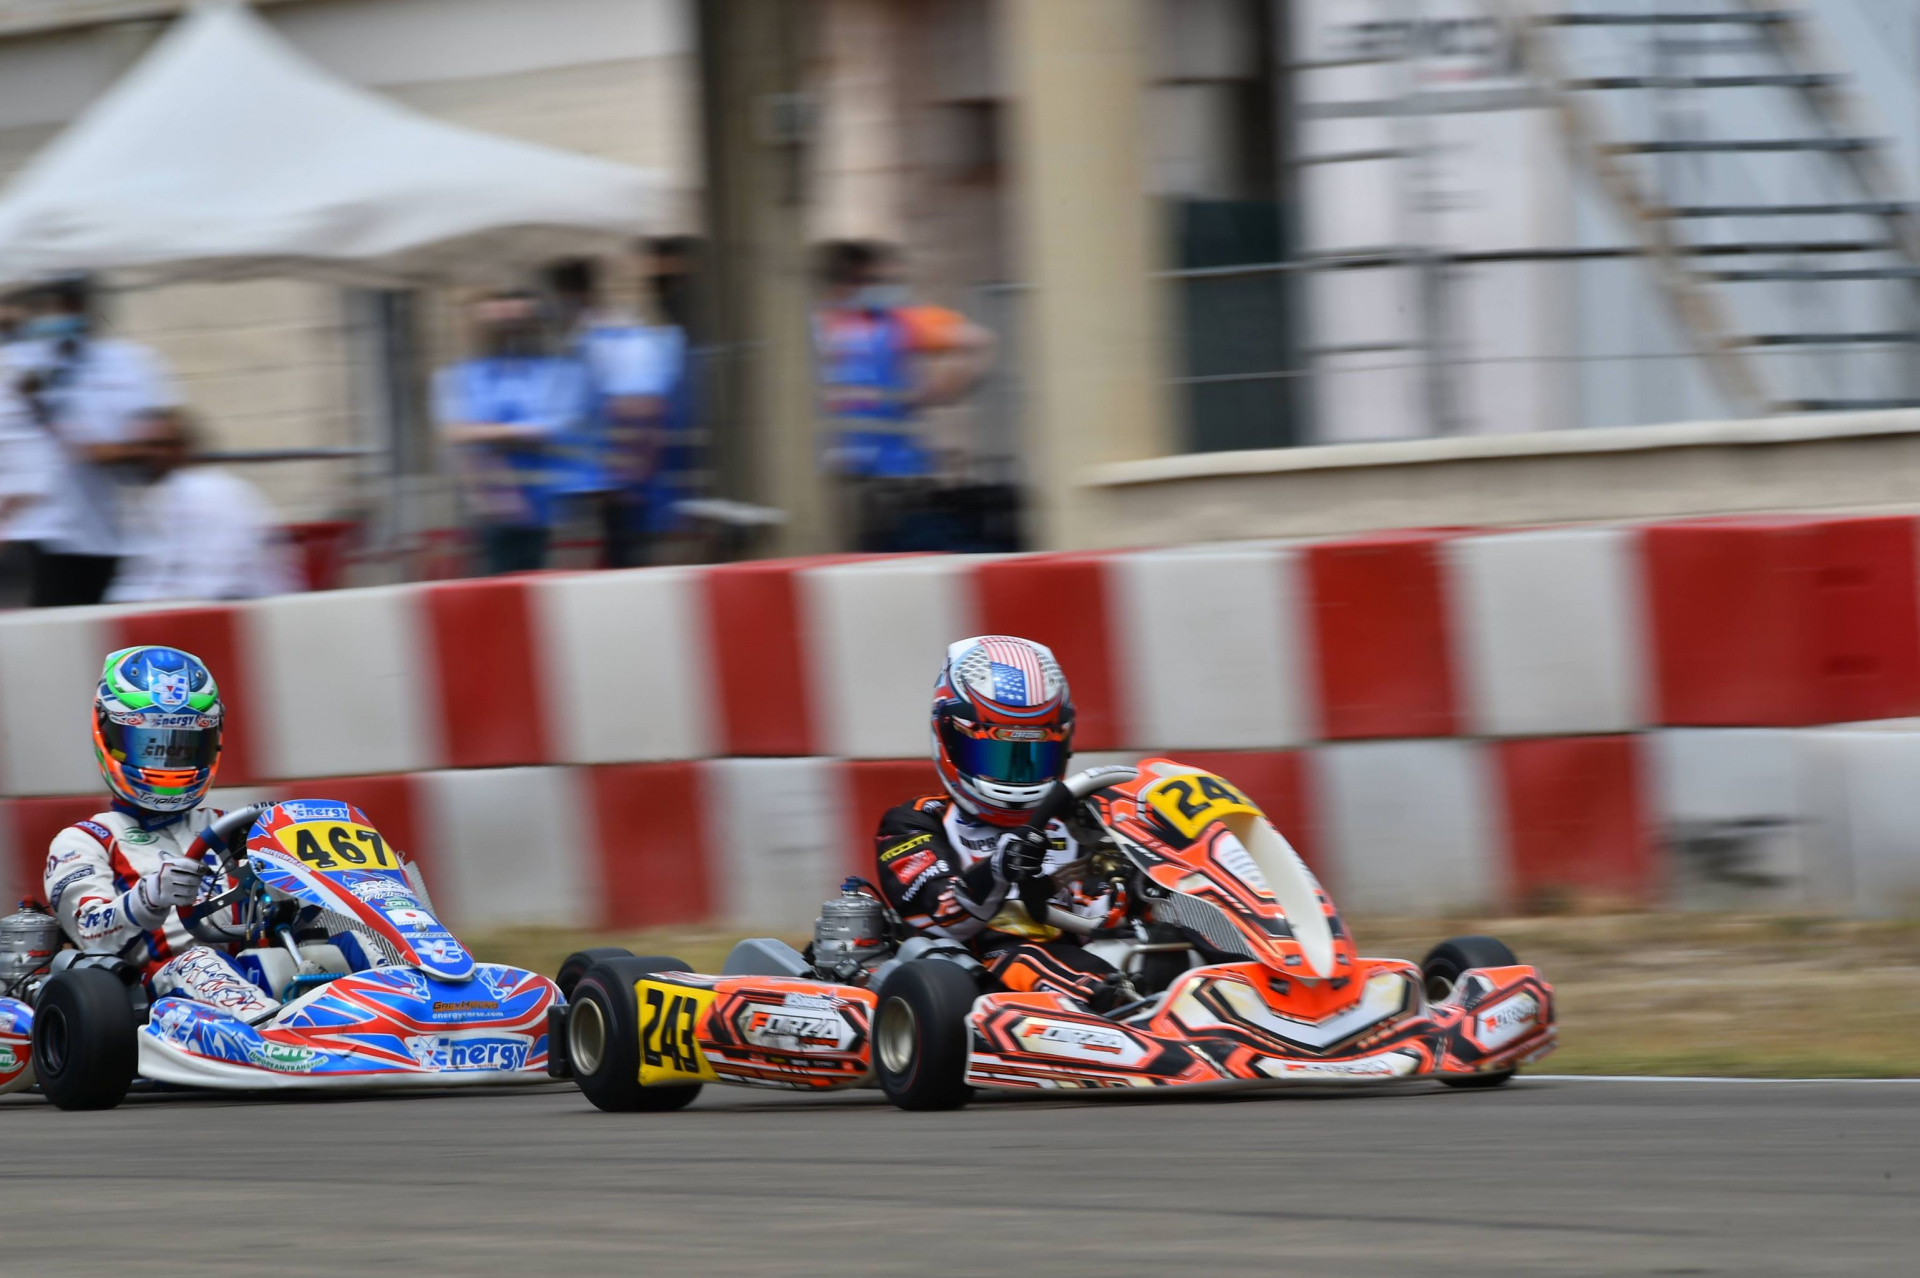 Top ten and pole position at Zuera for Kai Sorensen